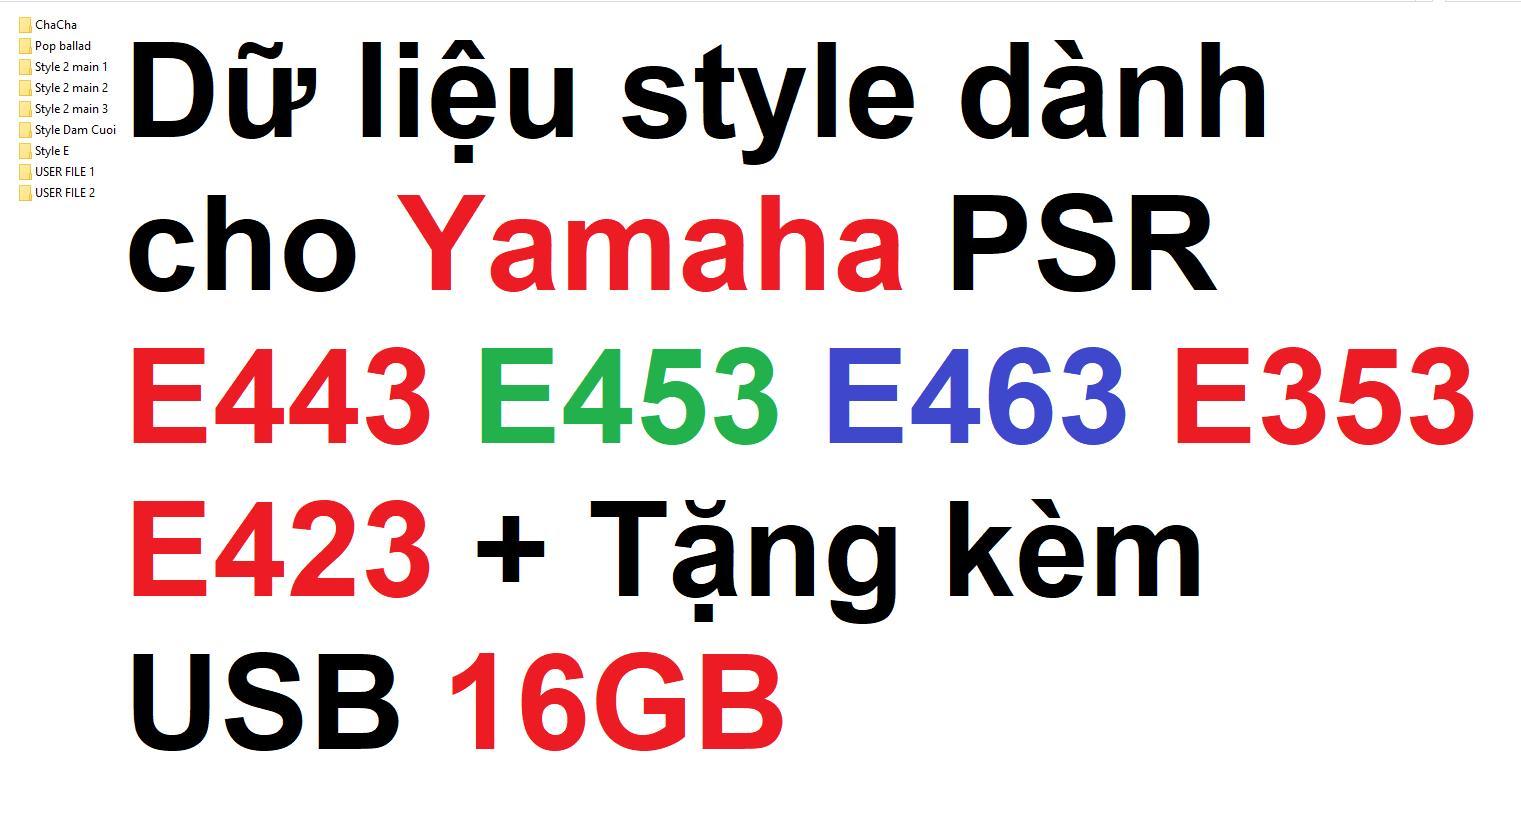 Dữ liệu style dành cho tất cả dòng đàn Yamaha PSR E như E403 E443 E453 E463 và tất cả...